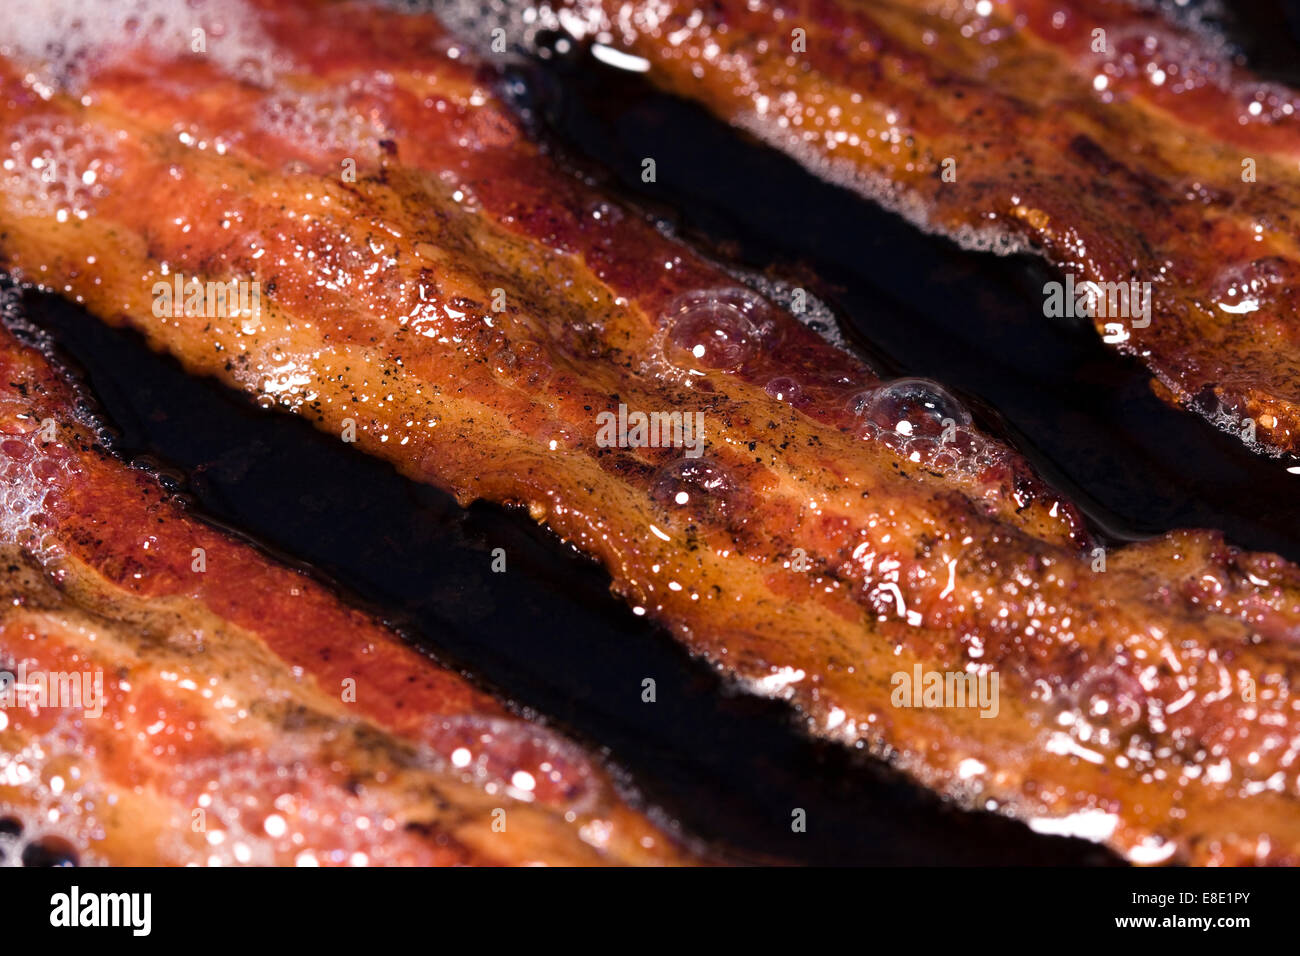 Speck Fett Rendering von Streifen durchwachsener Speck in einer Pfanne erhitzen Stockbild